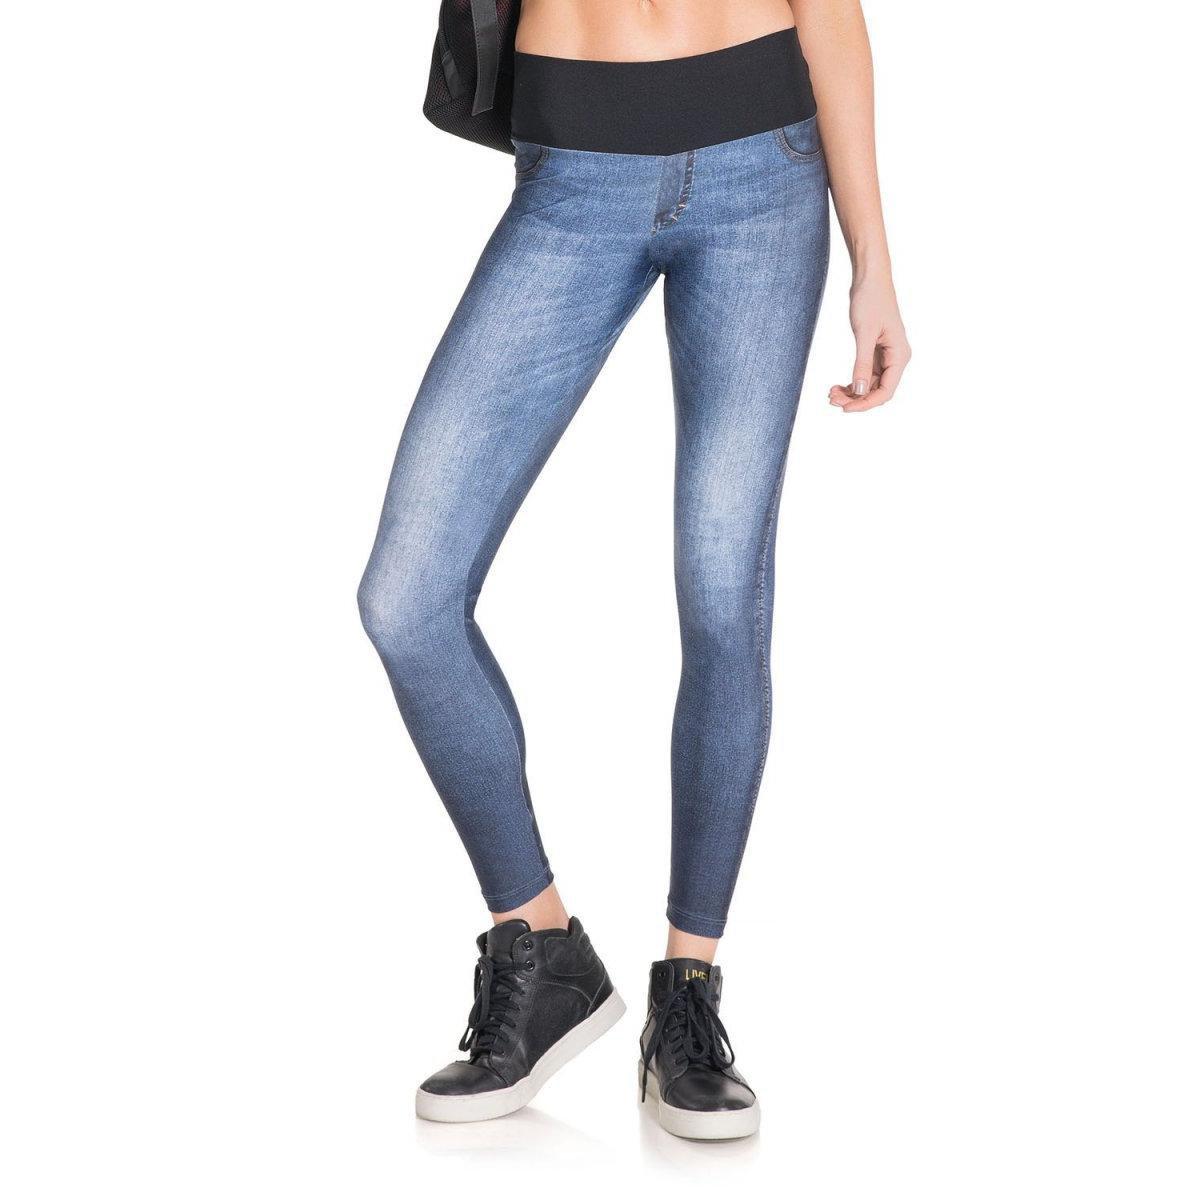 Wash Legging Live Boost Jeans Live Legging Jeans Wash Boost Jeans 7qPOU4